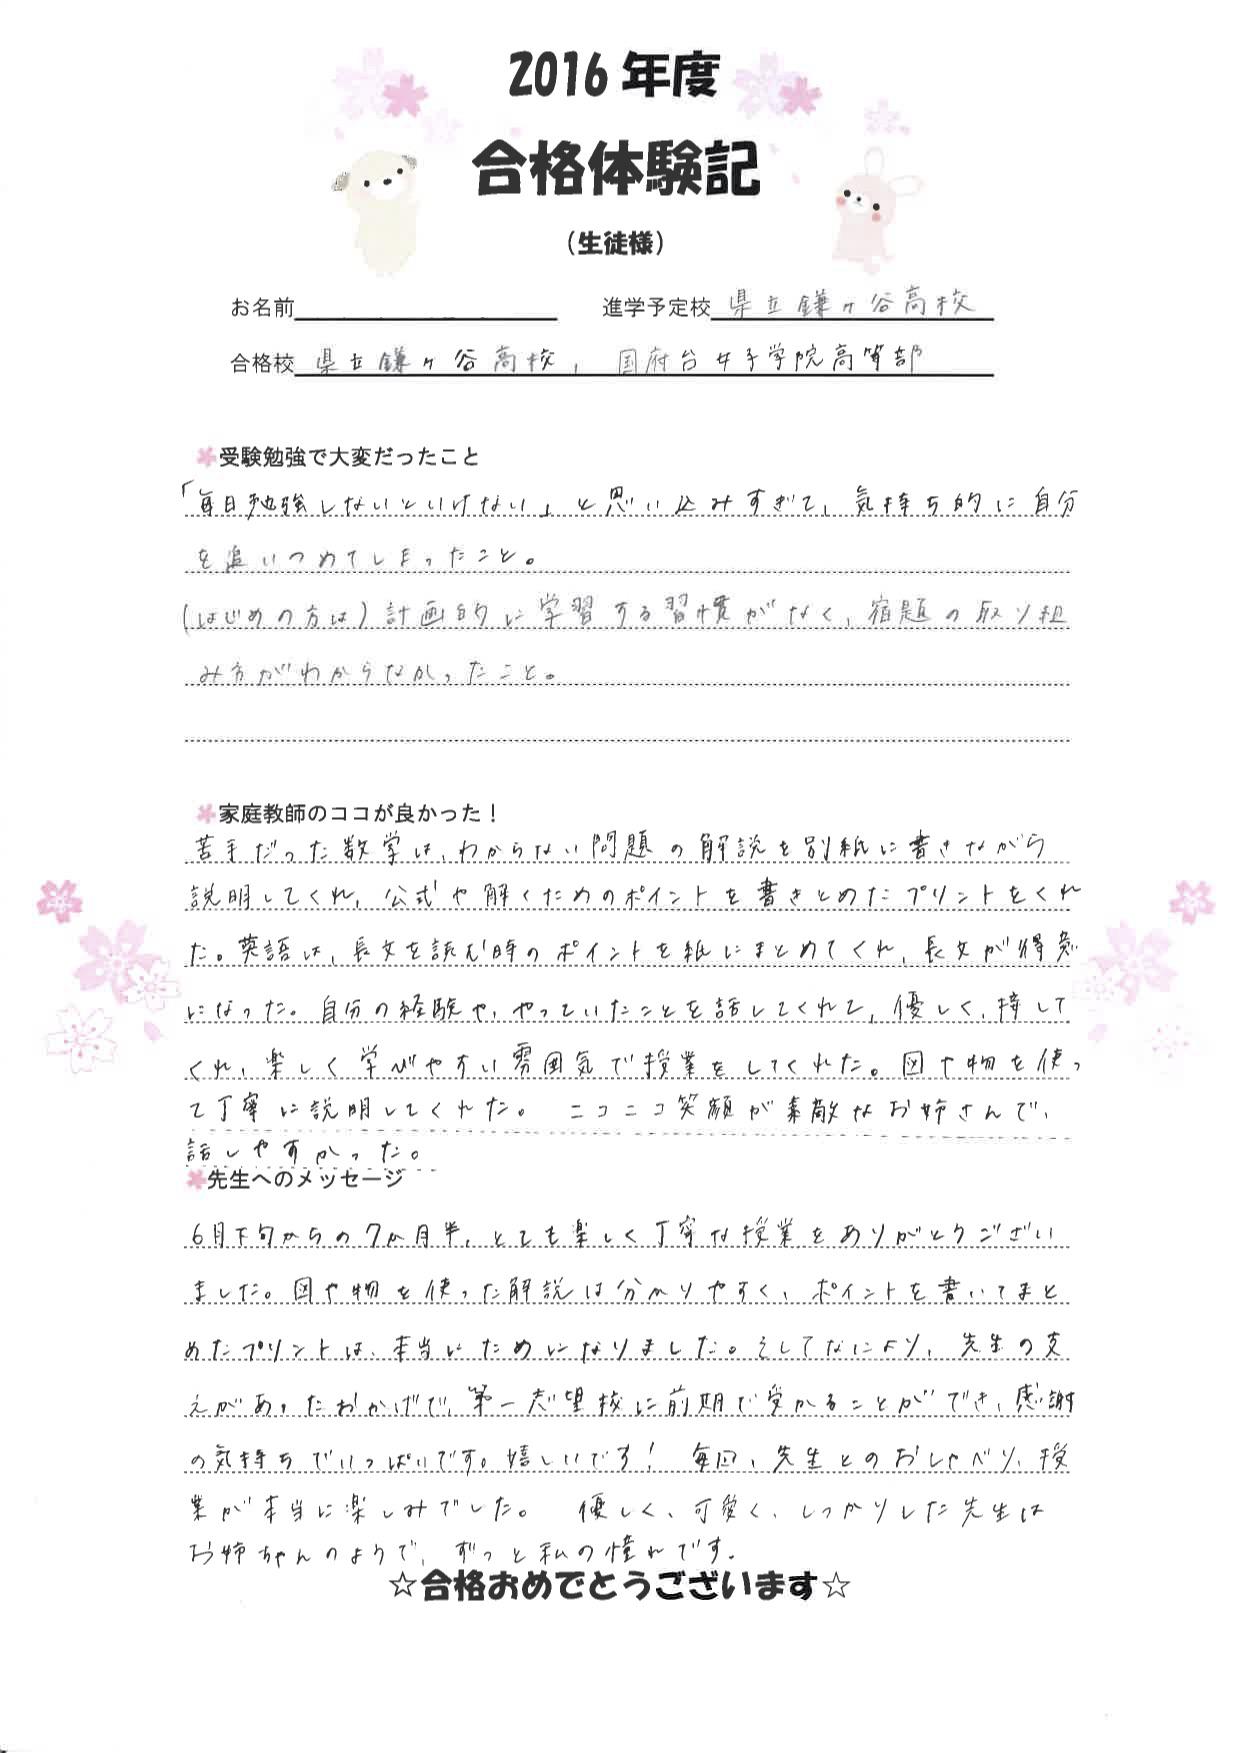 【加工済み】合格体験記14